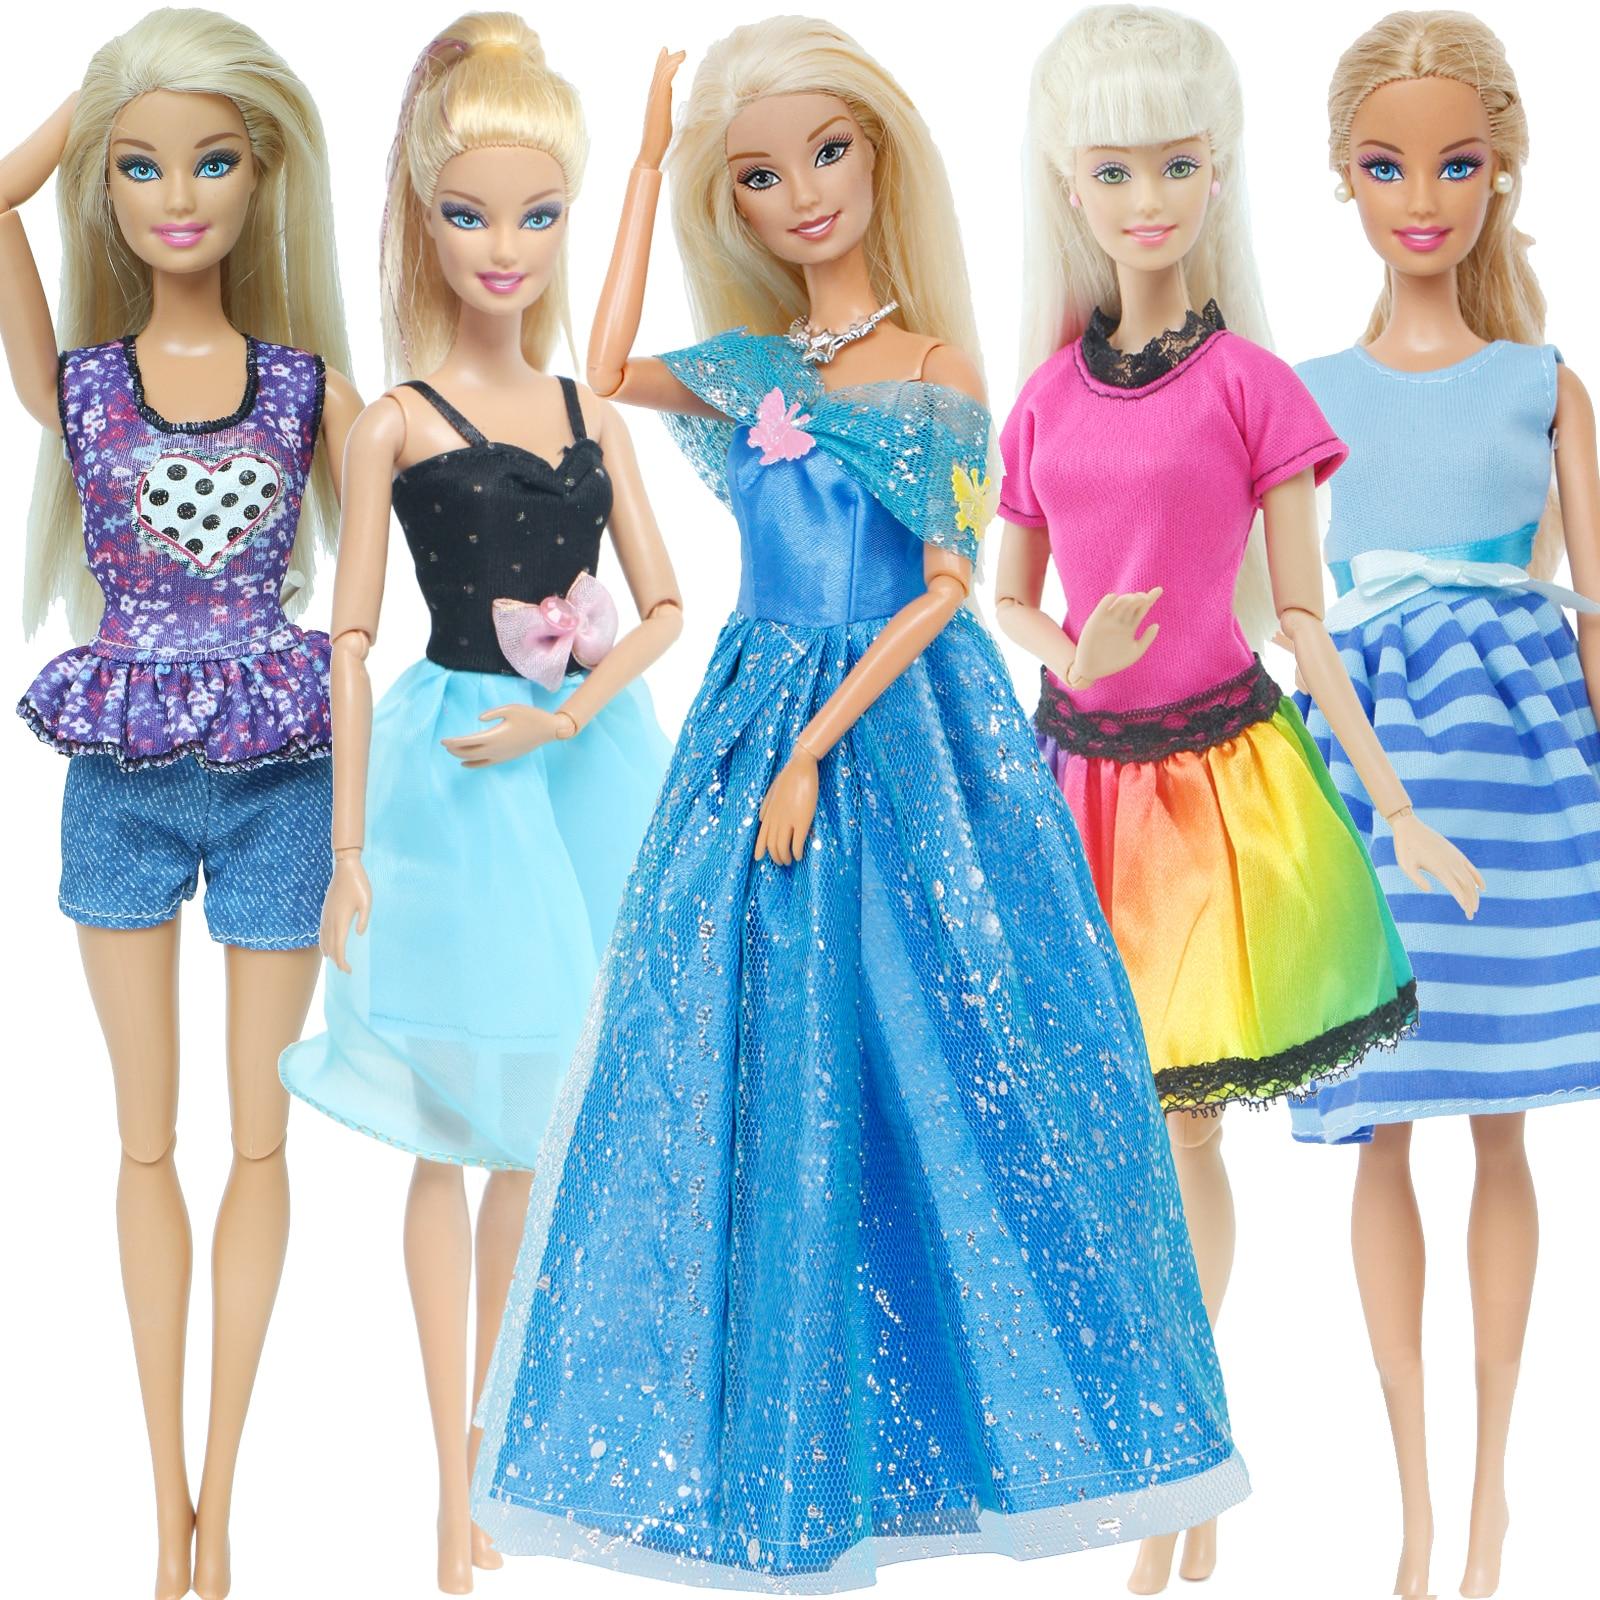 5 Set Märchen Kleid Prinzessin Kleid Cosplay Anzug Puppenhaus Party Kleid Zubehör Kleidung für Barbie Puppe Kinder Spielzeug